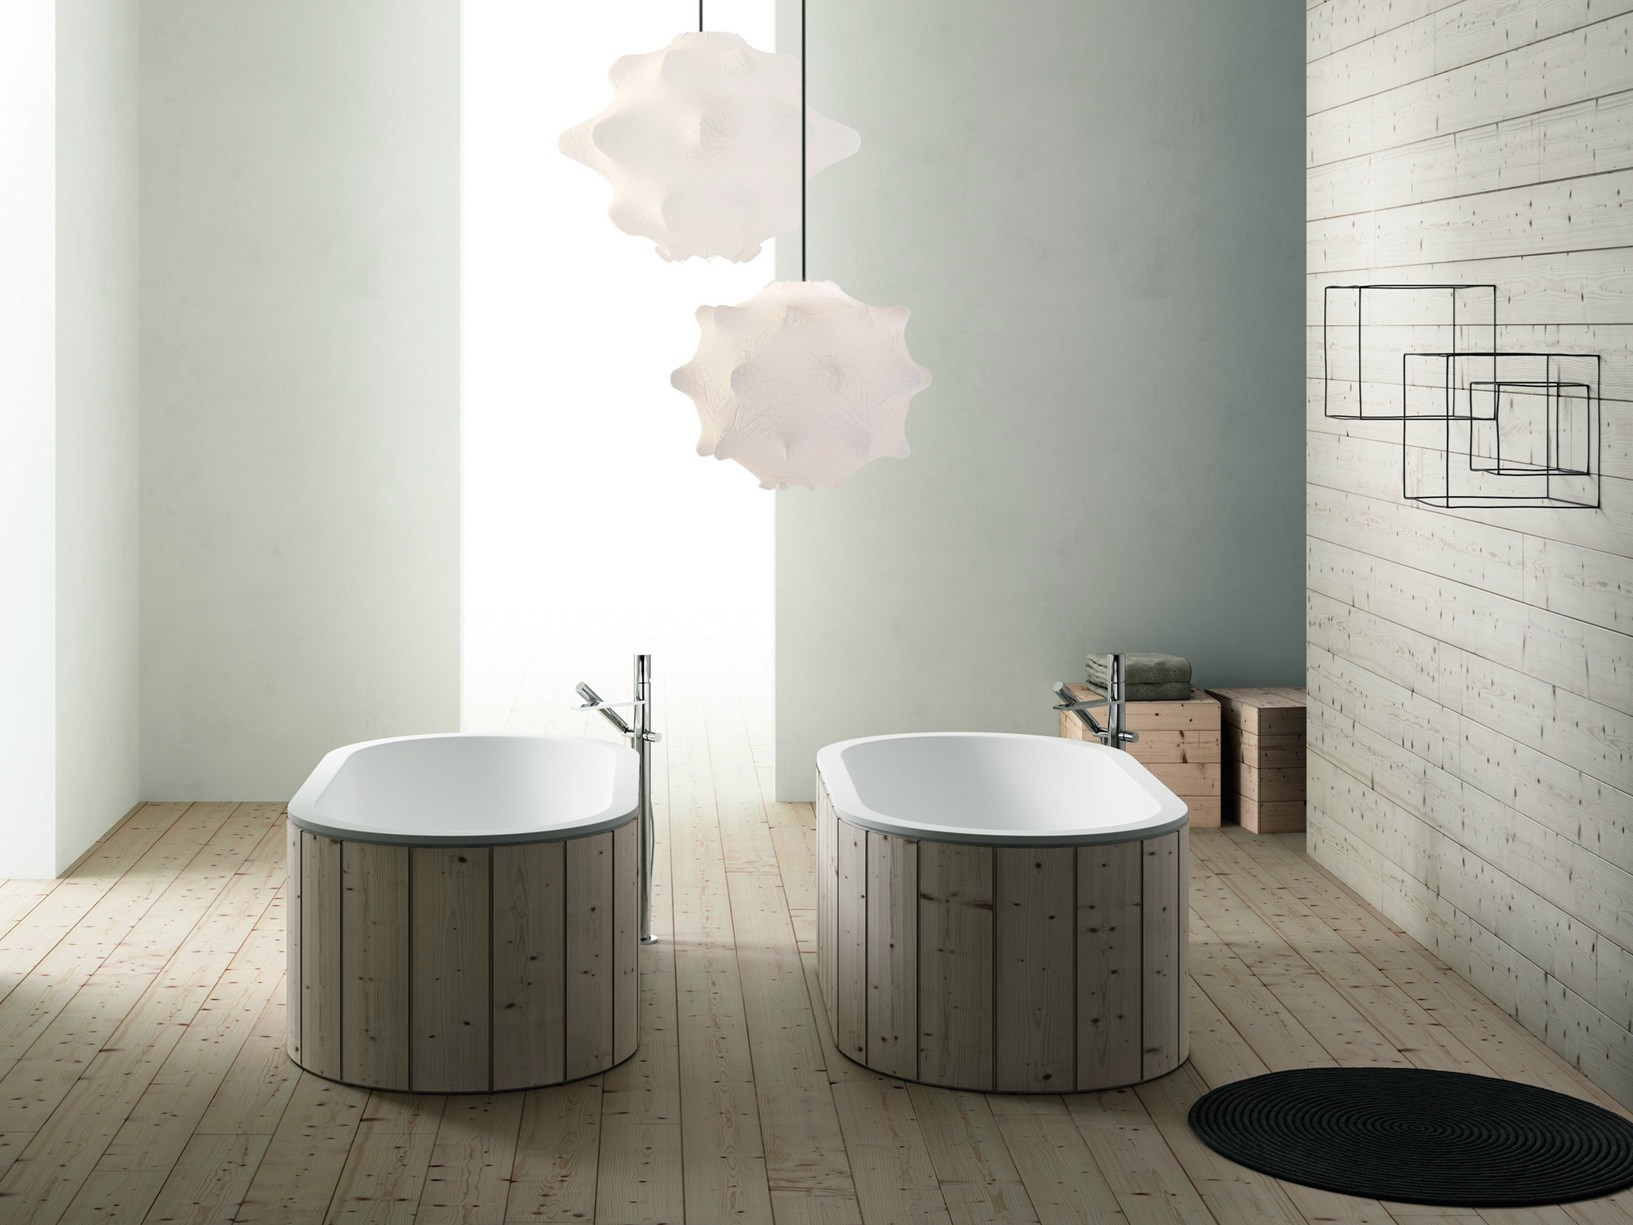 sanitair en badkamermeubels van keramiek en hout inspiraties